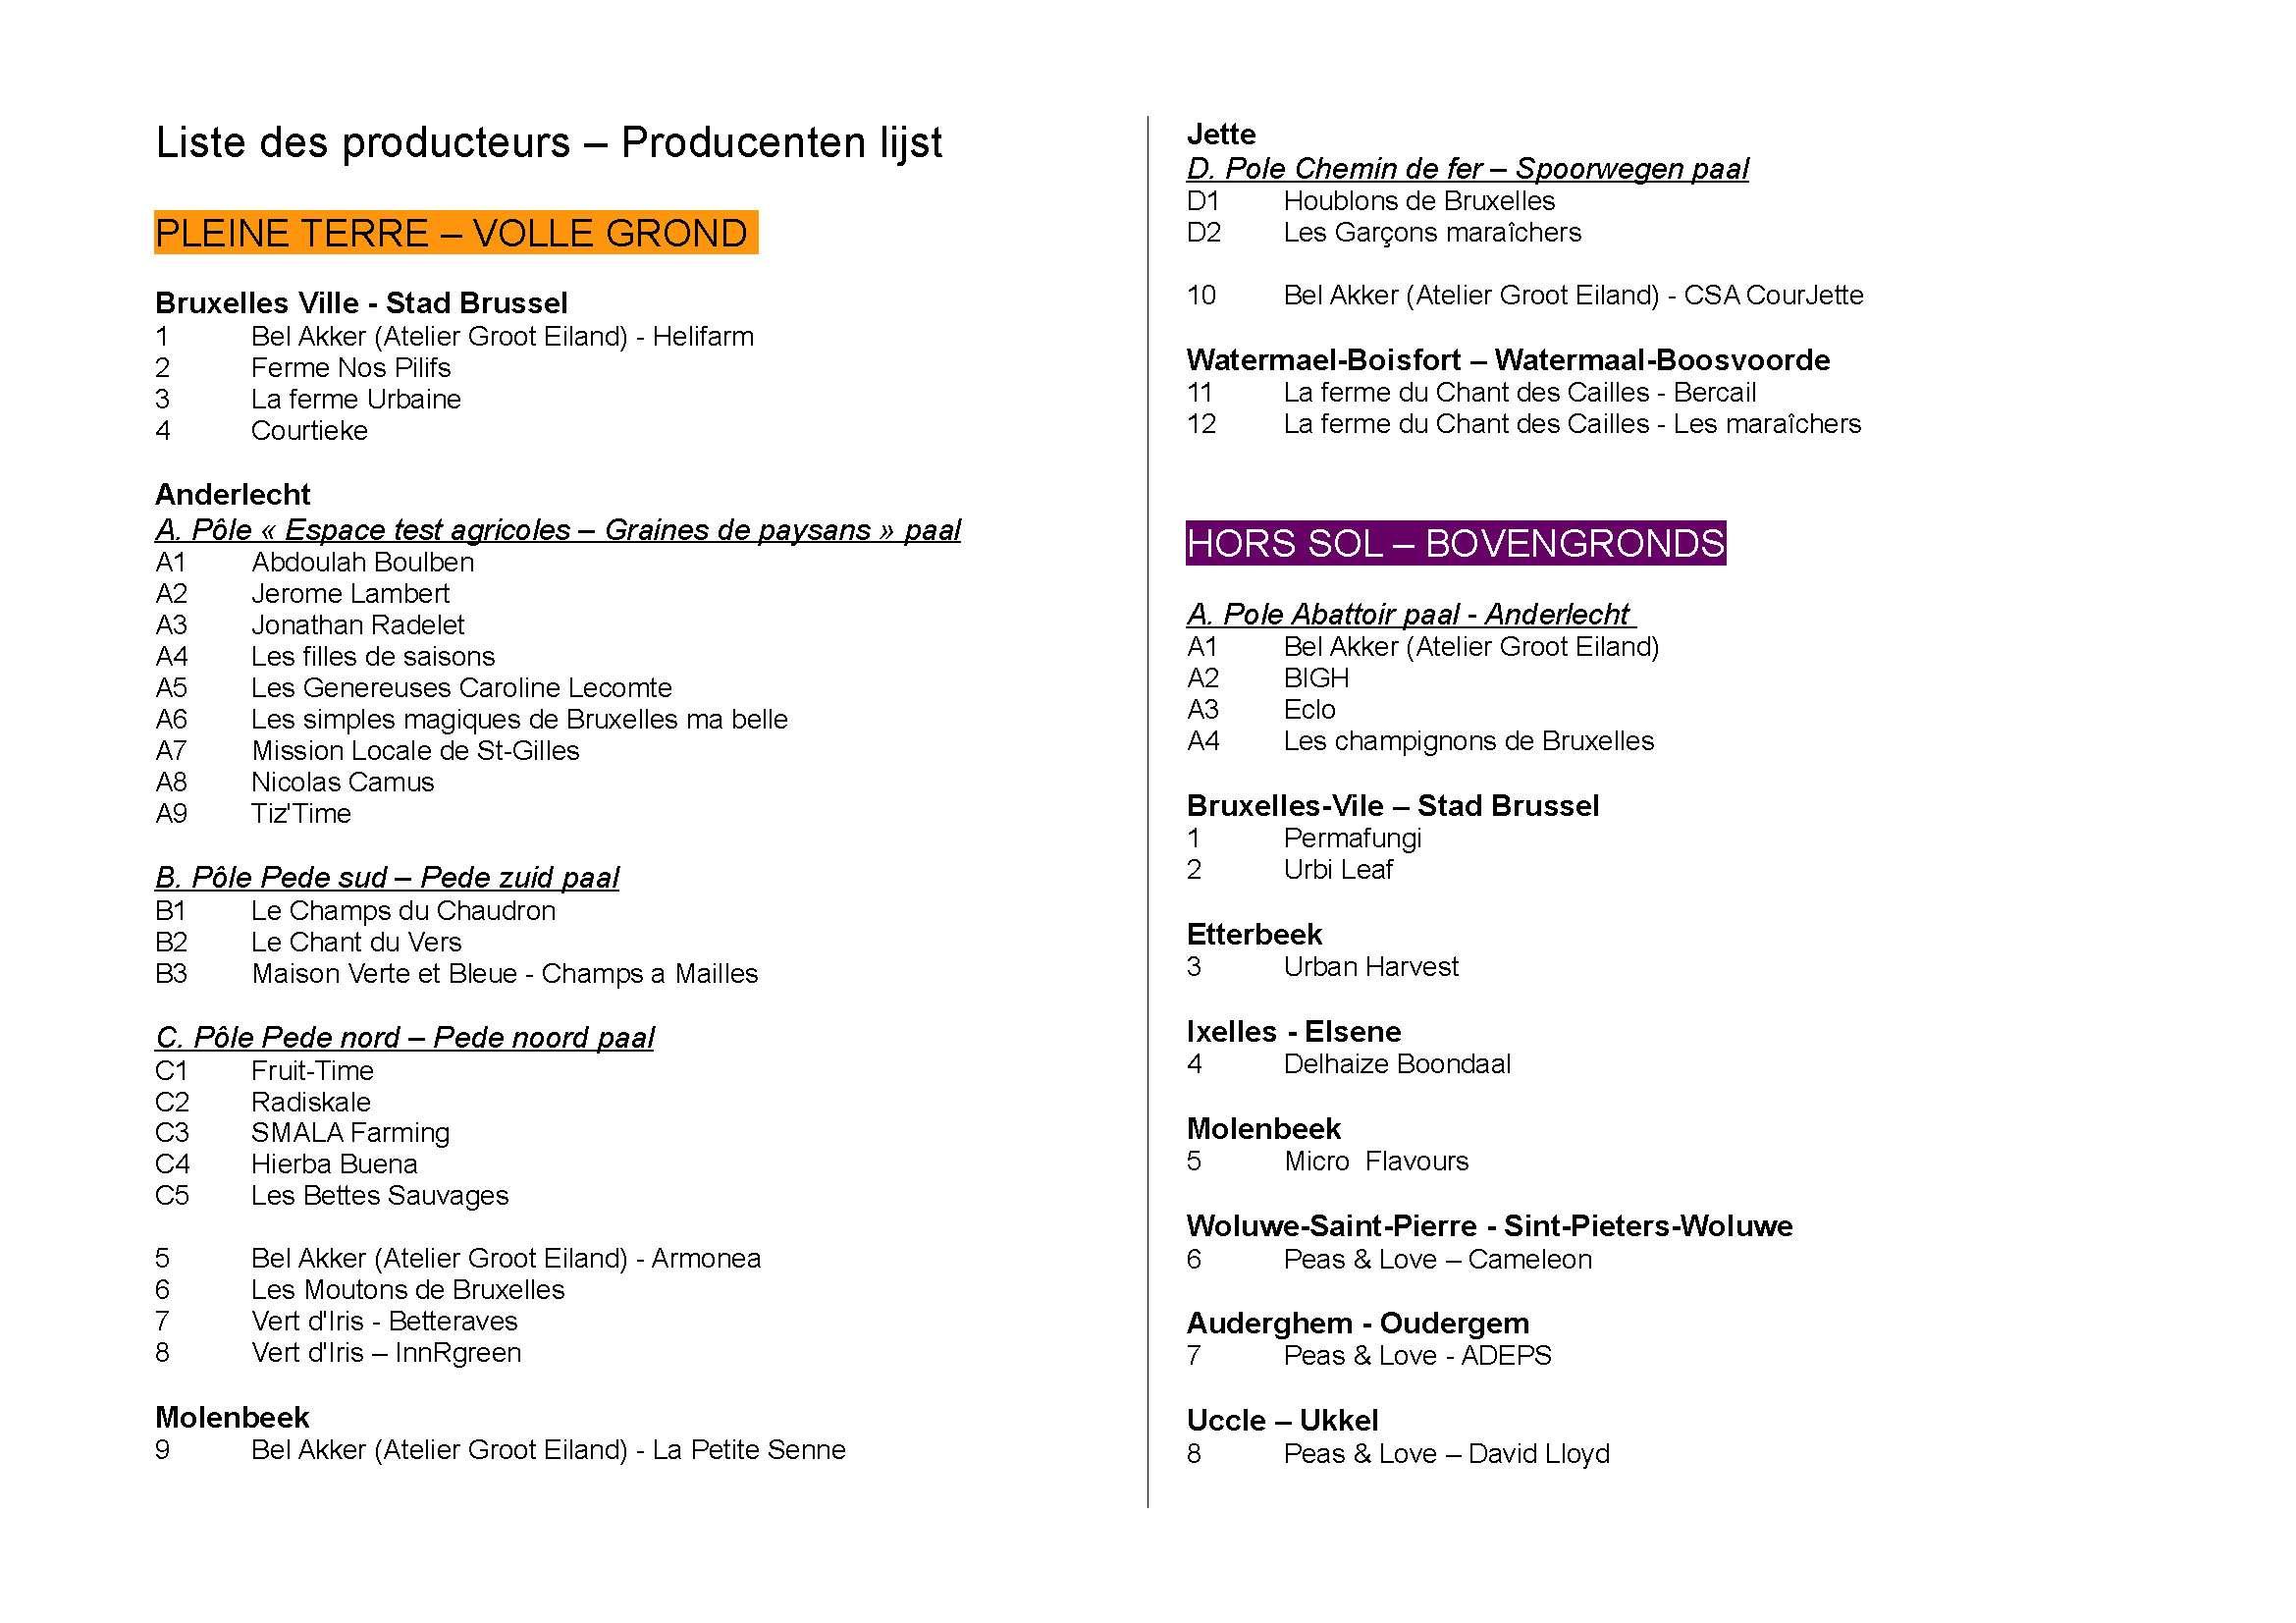 ProducteursAU_RBC_Liste_06-2021